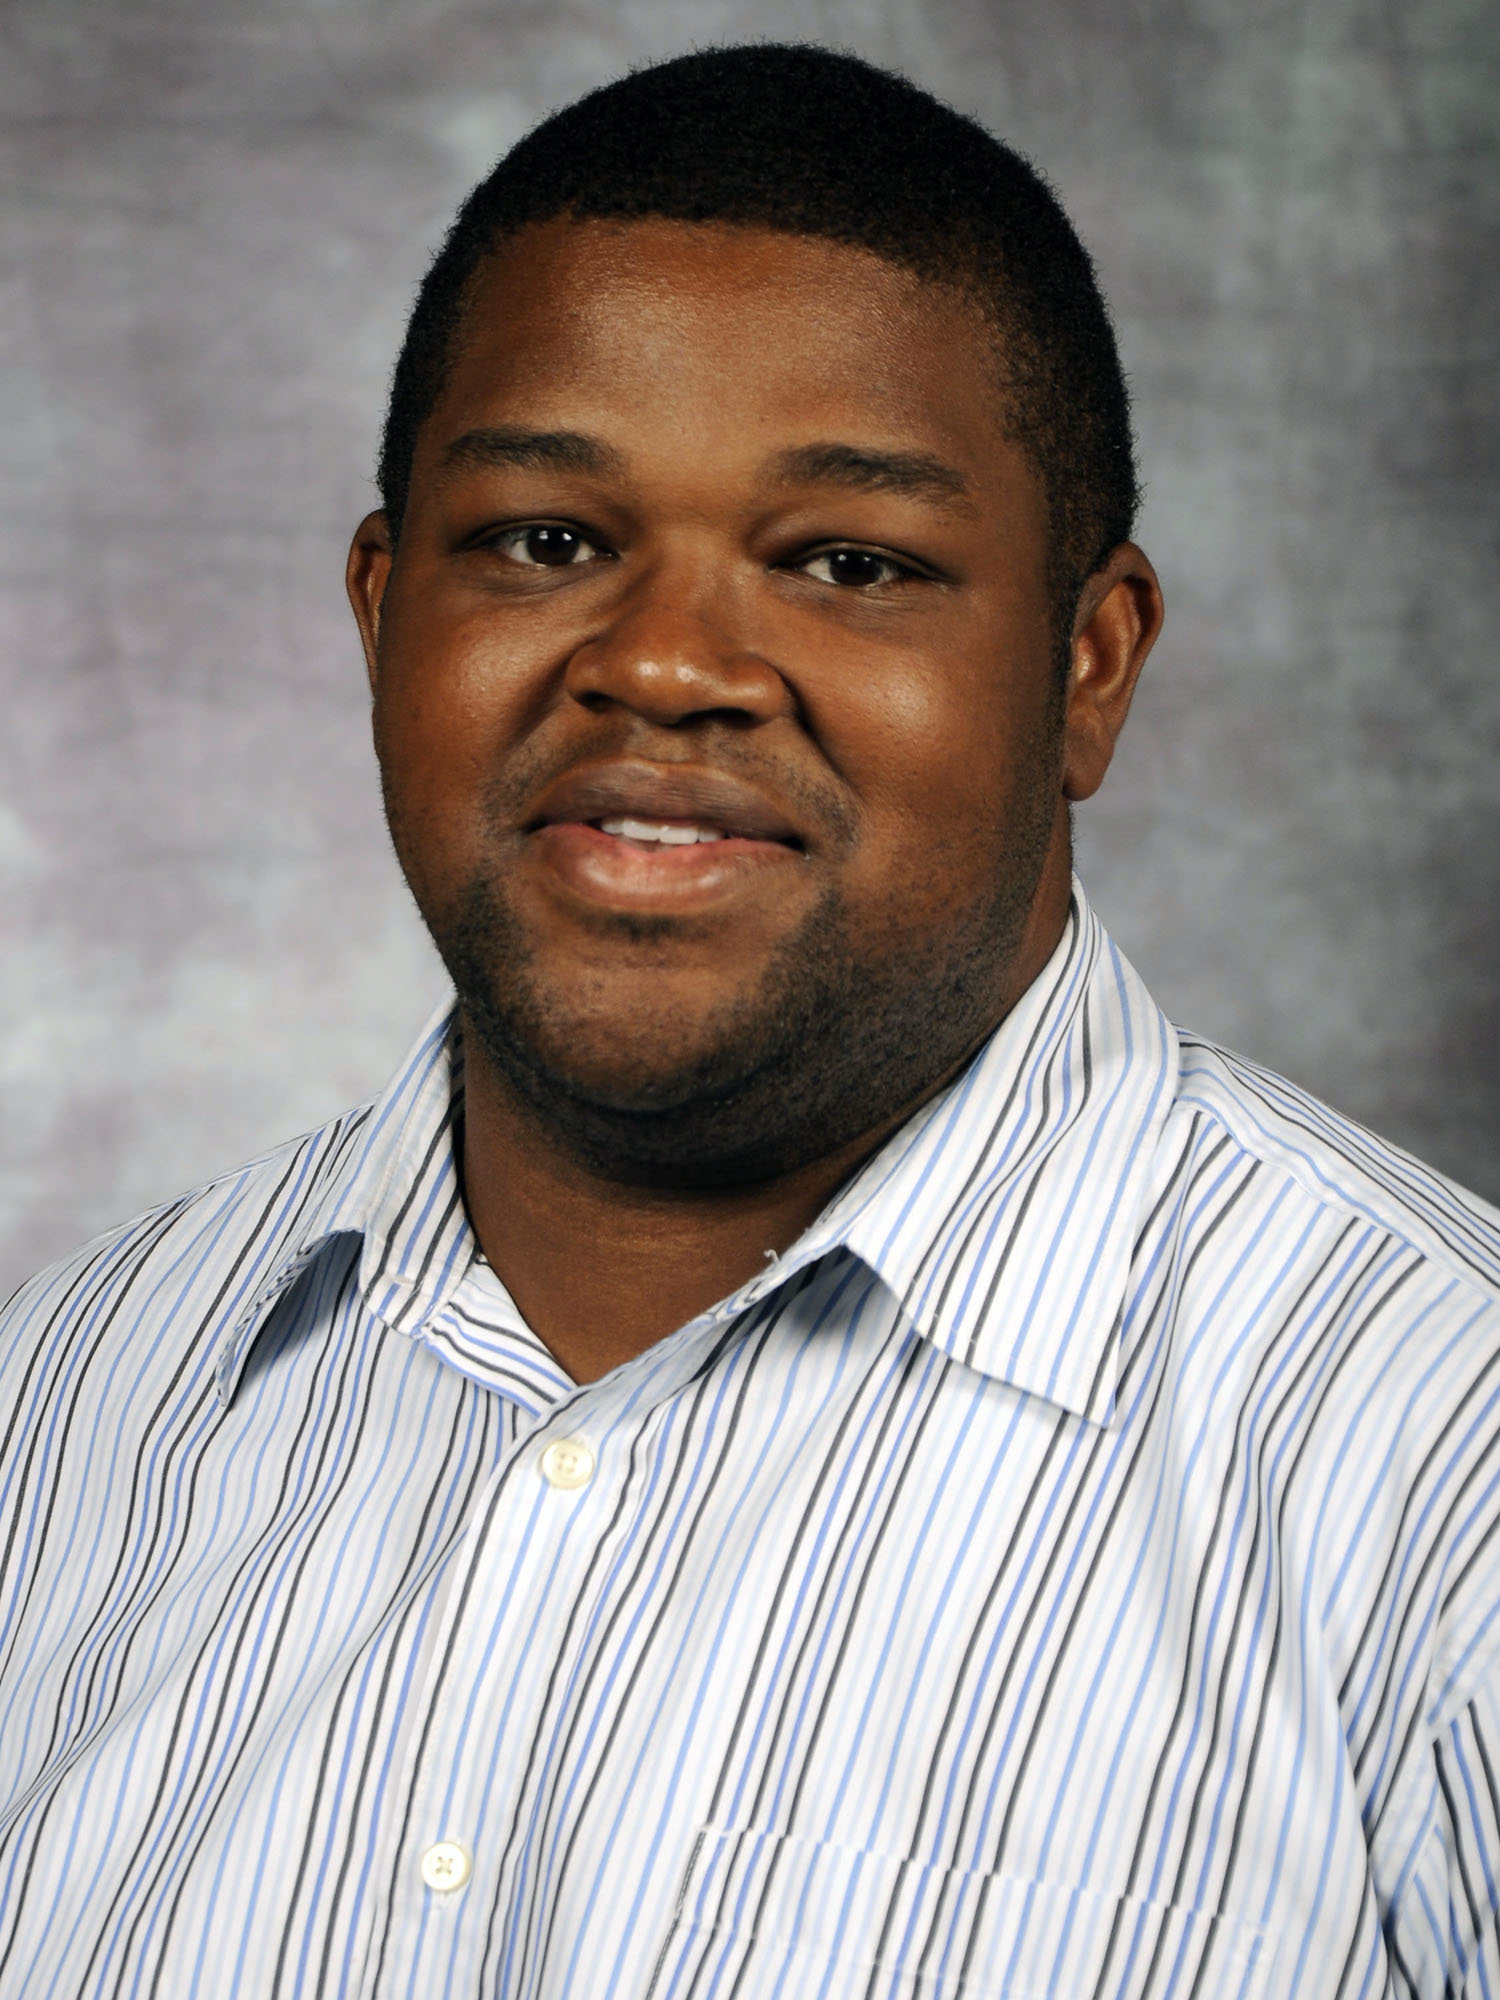 Photo of Ross Jones, M.D.